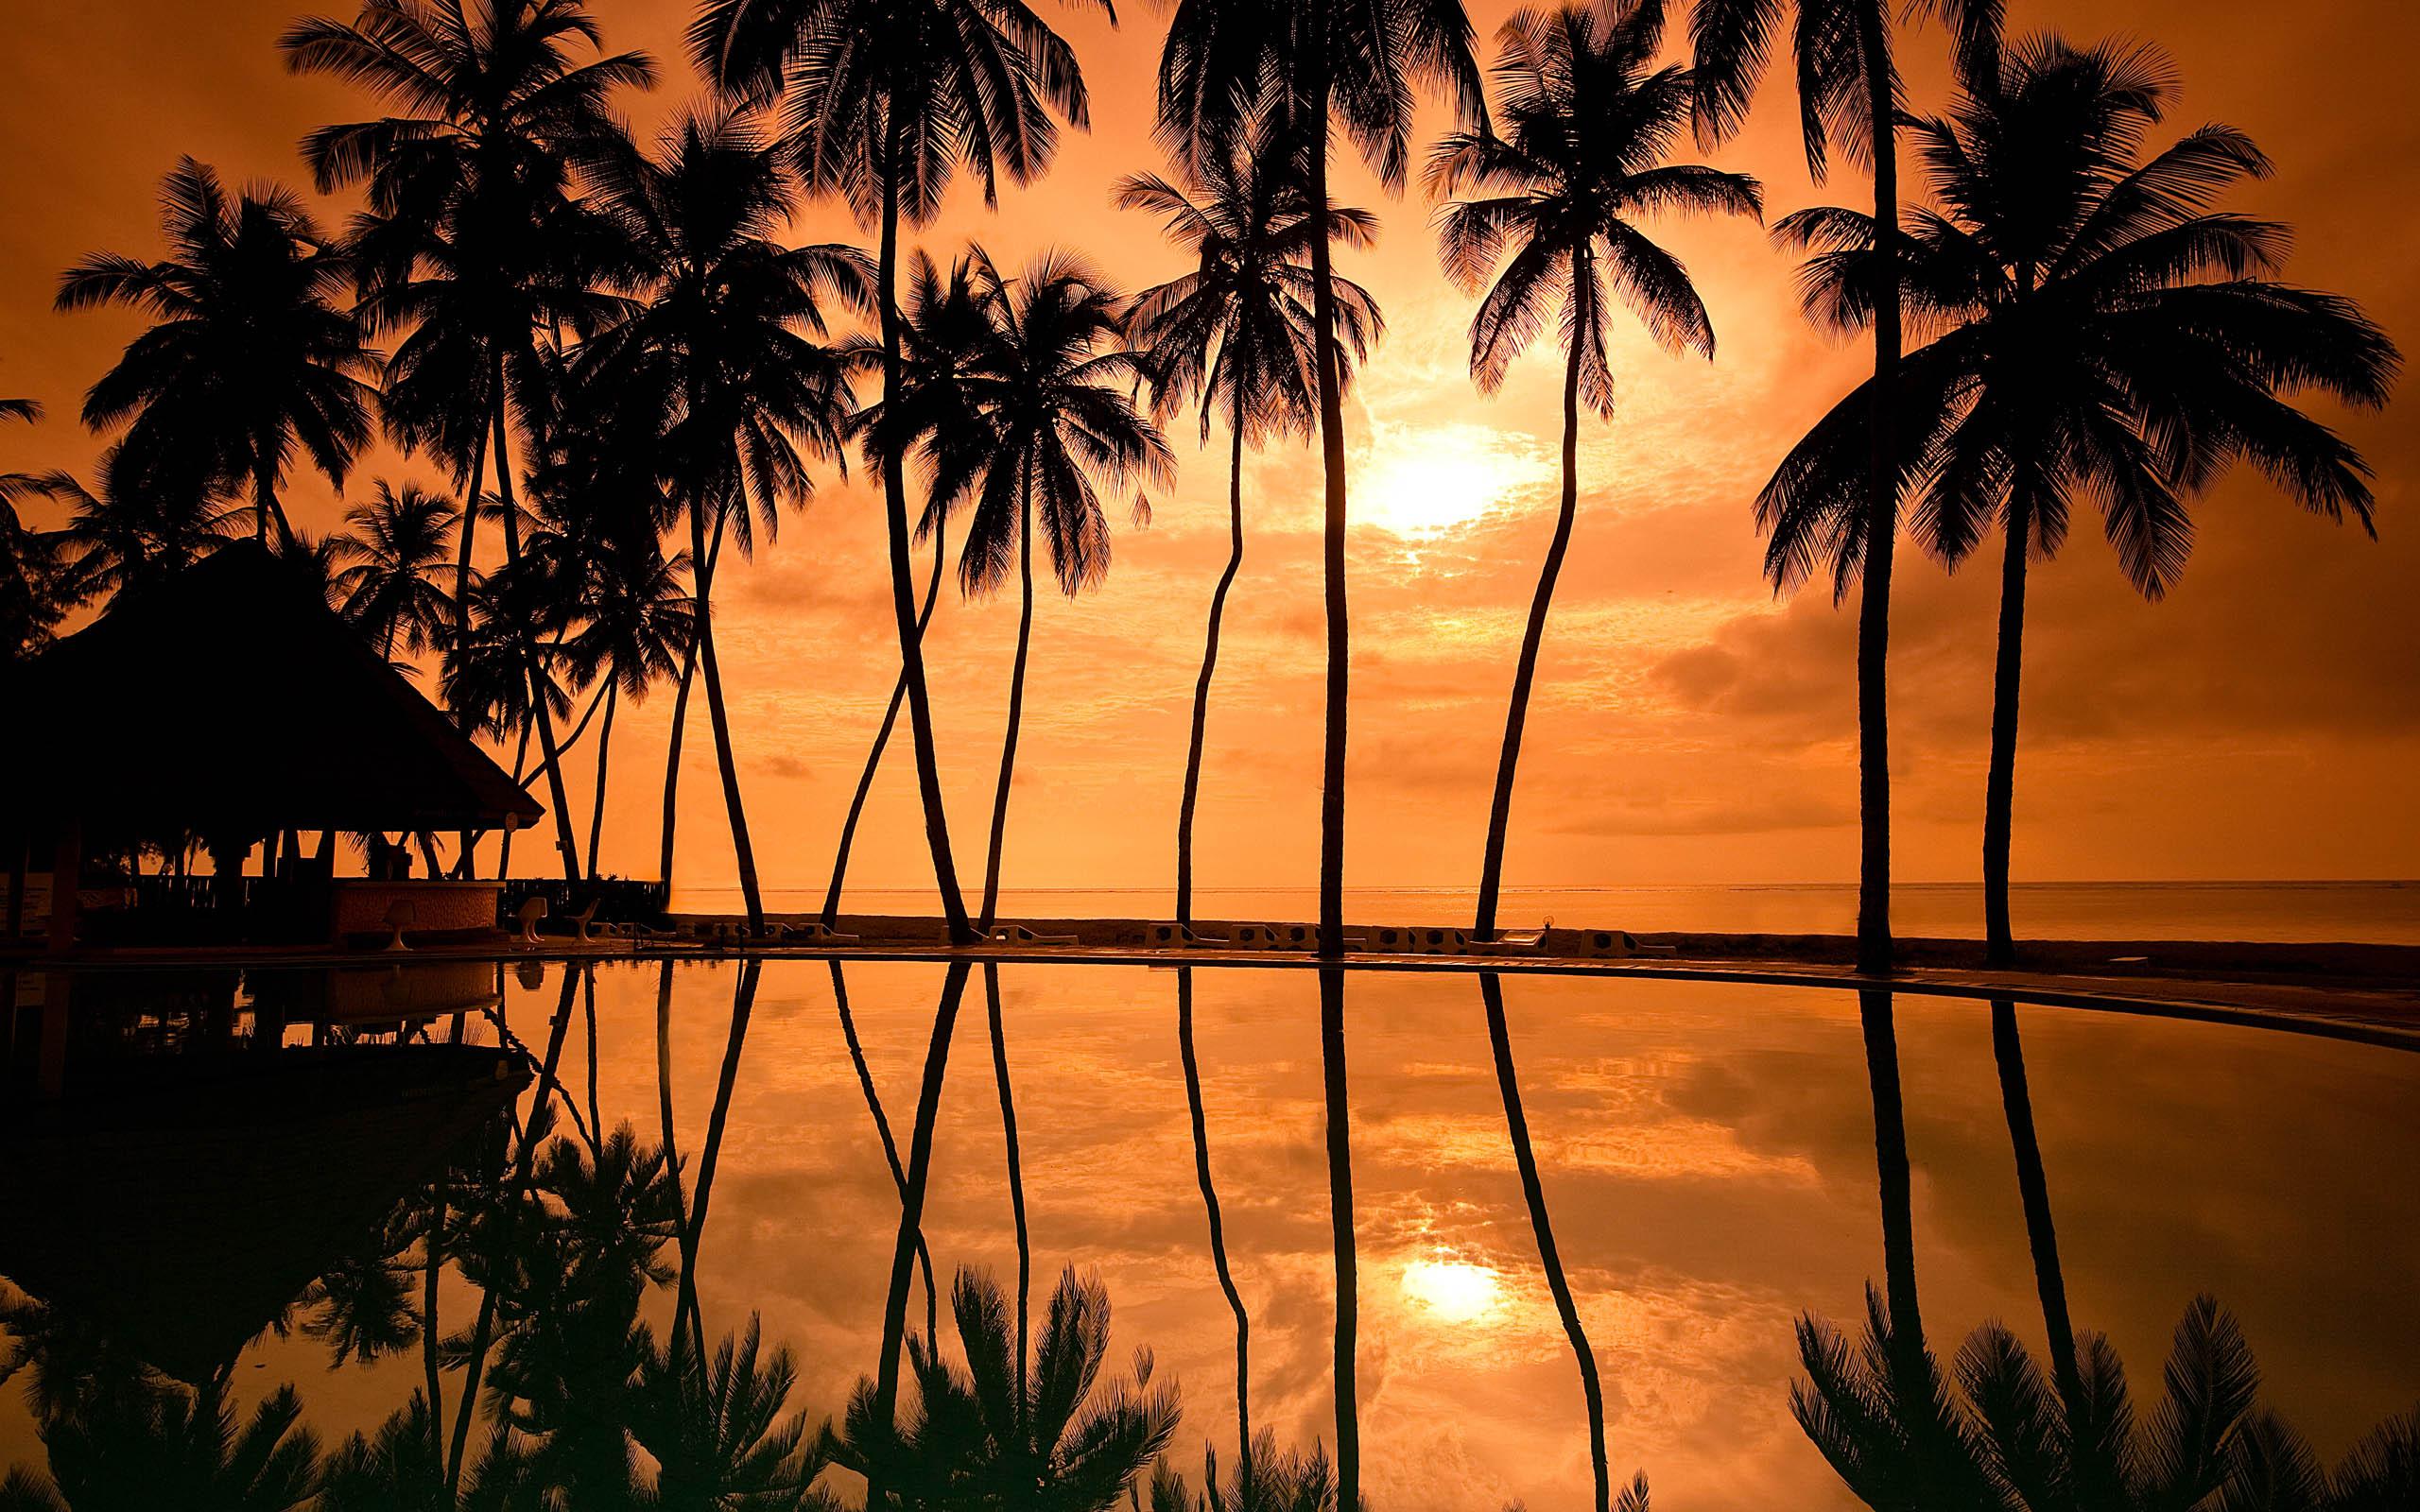 природа бассейн рассвет солнце пальмы отдых  № 2455803 бесплатно